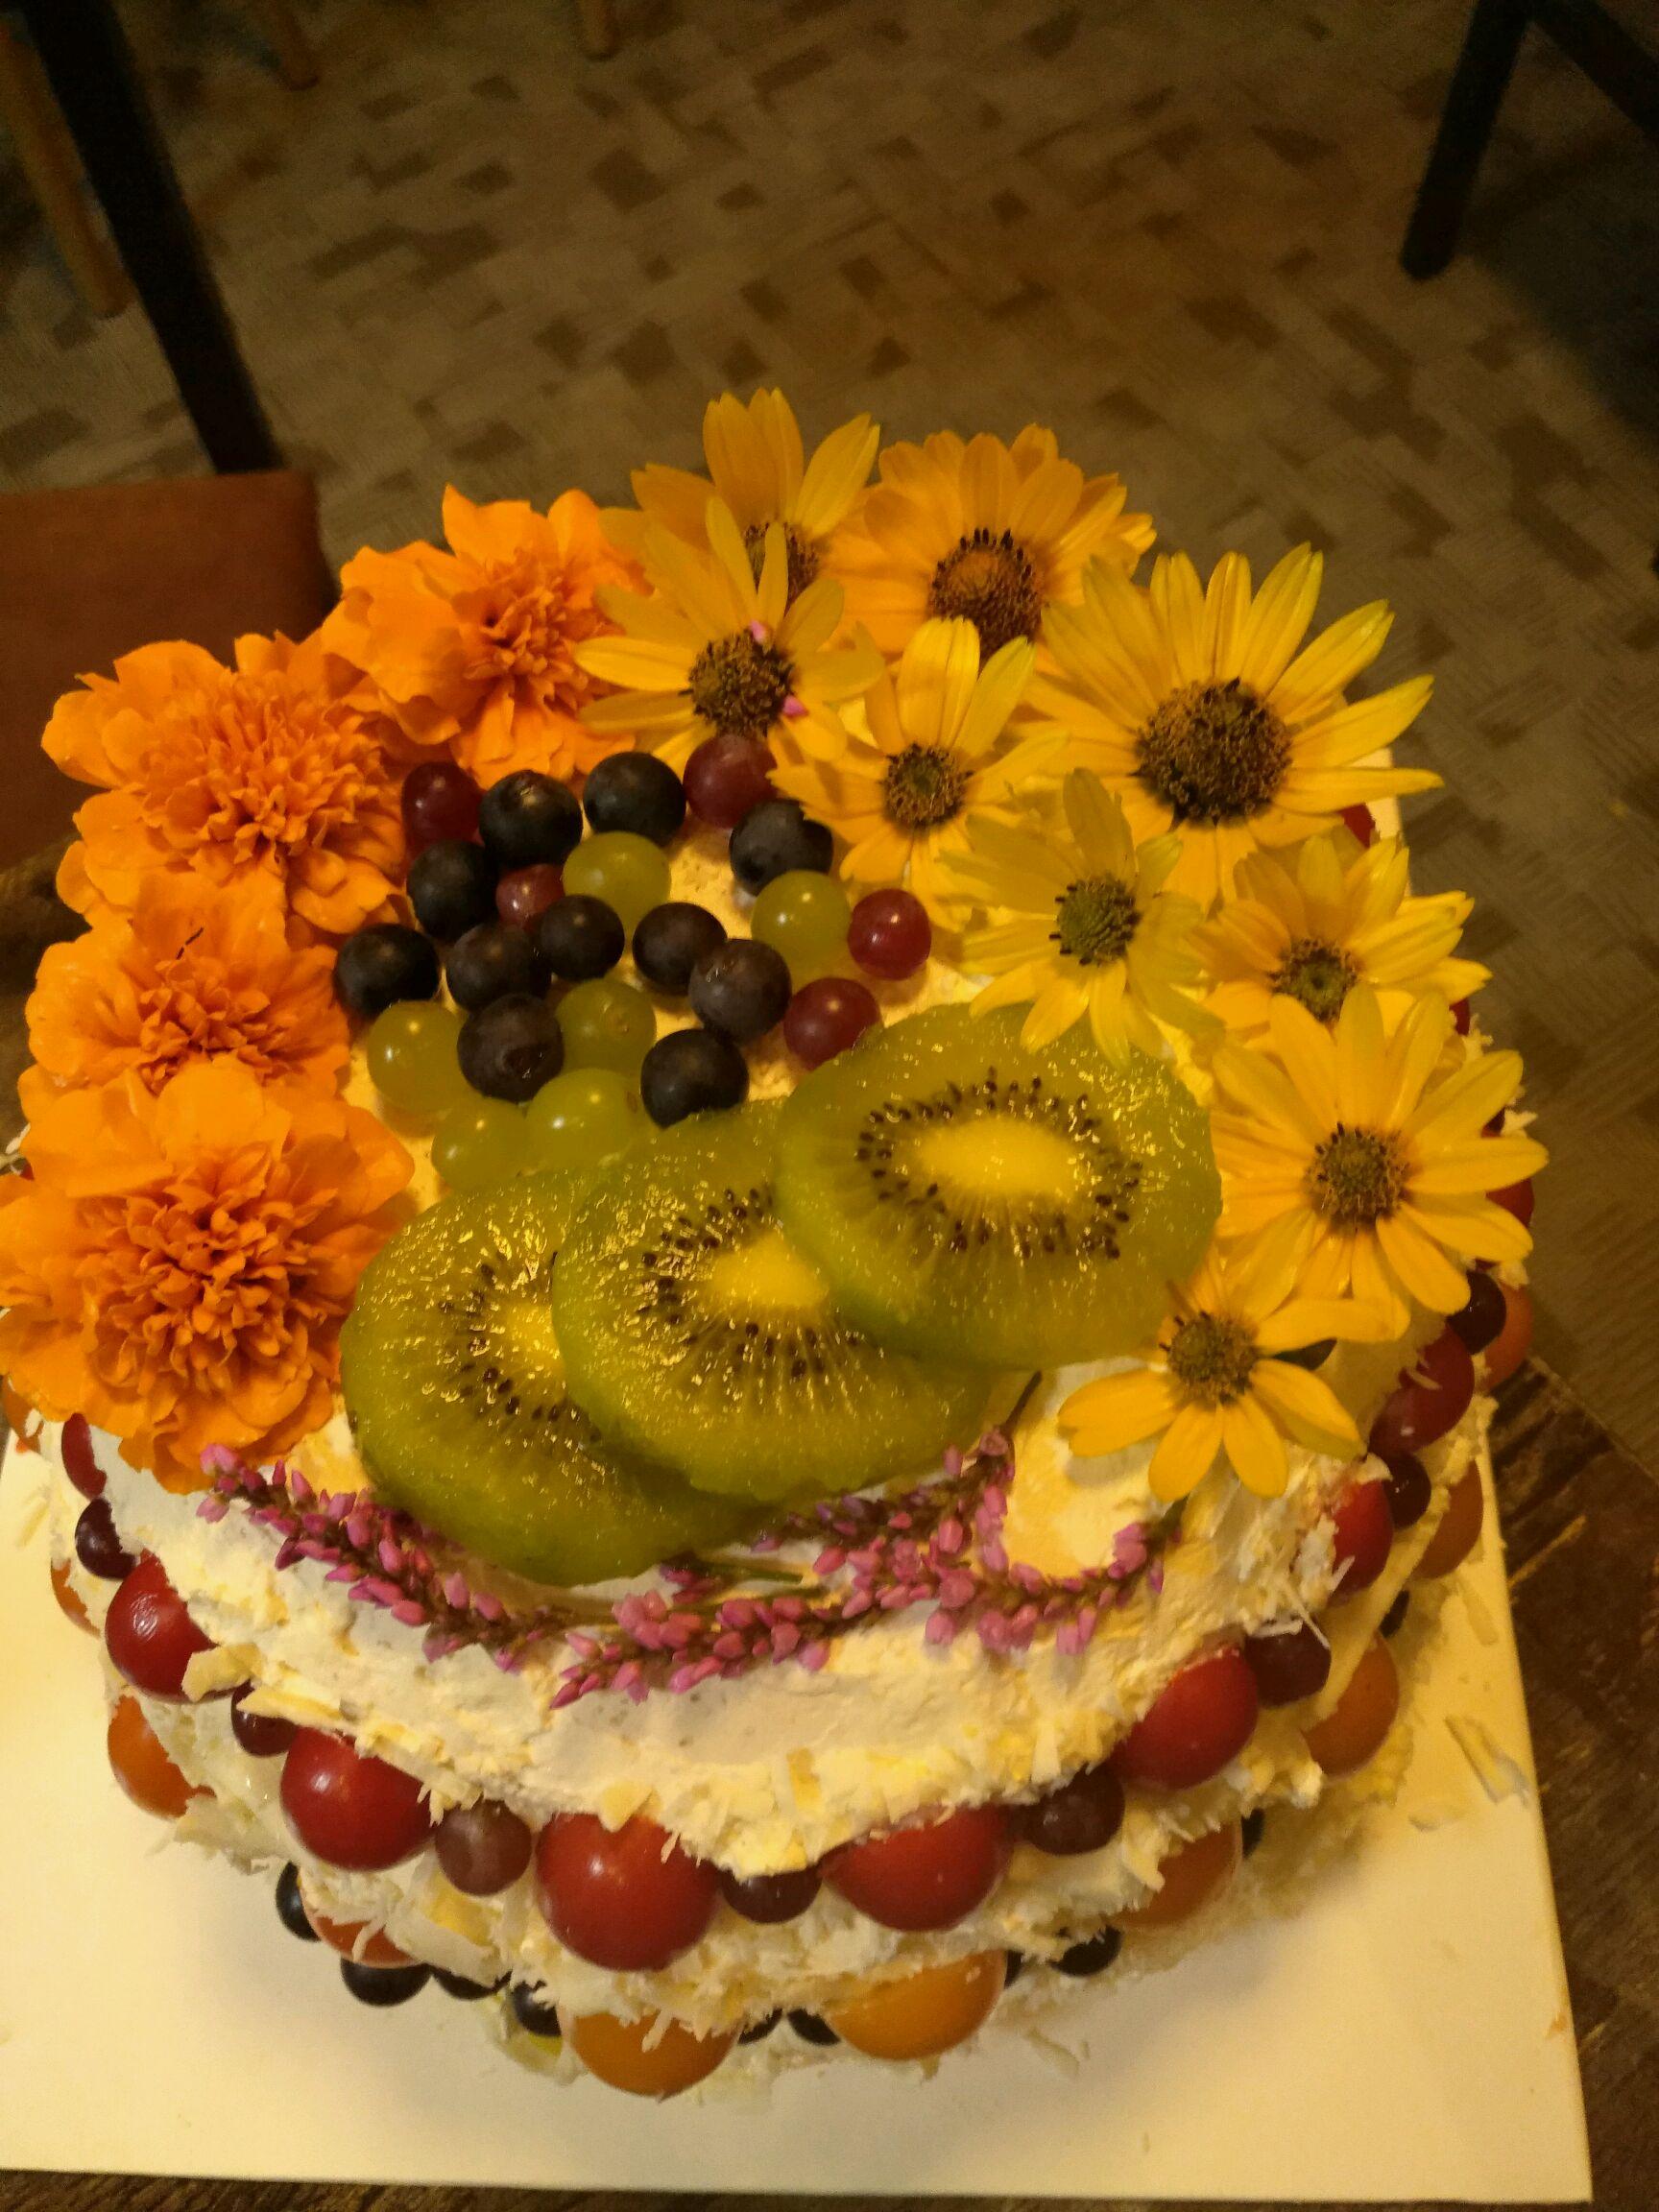 1. 因为整个过程都是我一个人在做,就没有空余的手来记录过程了,这款蛋糕是我自己设计的,看到那么多材料是因为一共有3层蛋糕,每一层味道都不一样,每一层的中间都有夹心共六层,因为忘记放塔塔粉了,体积不是很大,抹在里面的奶油是栗子味的,外面的是芒果味的,做这个蛋糕的时候我只有一把长的抹刀,边不整齐,于是我就用白巧克力屑装饰,整个色调就是米黄色,因为是做给一个男生,我不会裱花,就用鲜花装饰,金色的雏菊代表纯真,也是因为我也很喜欢雏菊啊